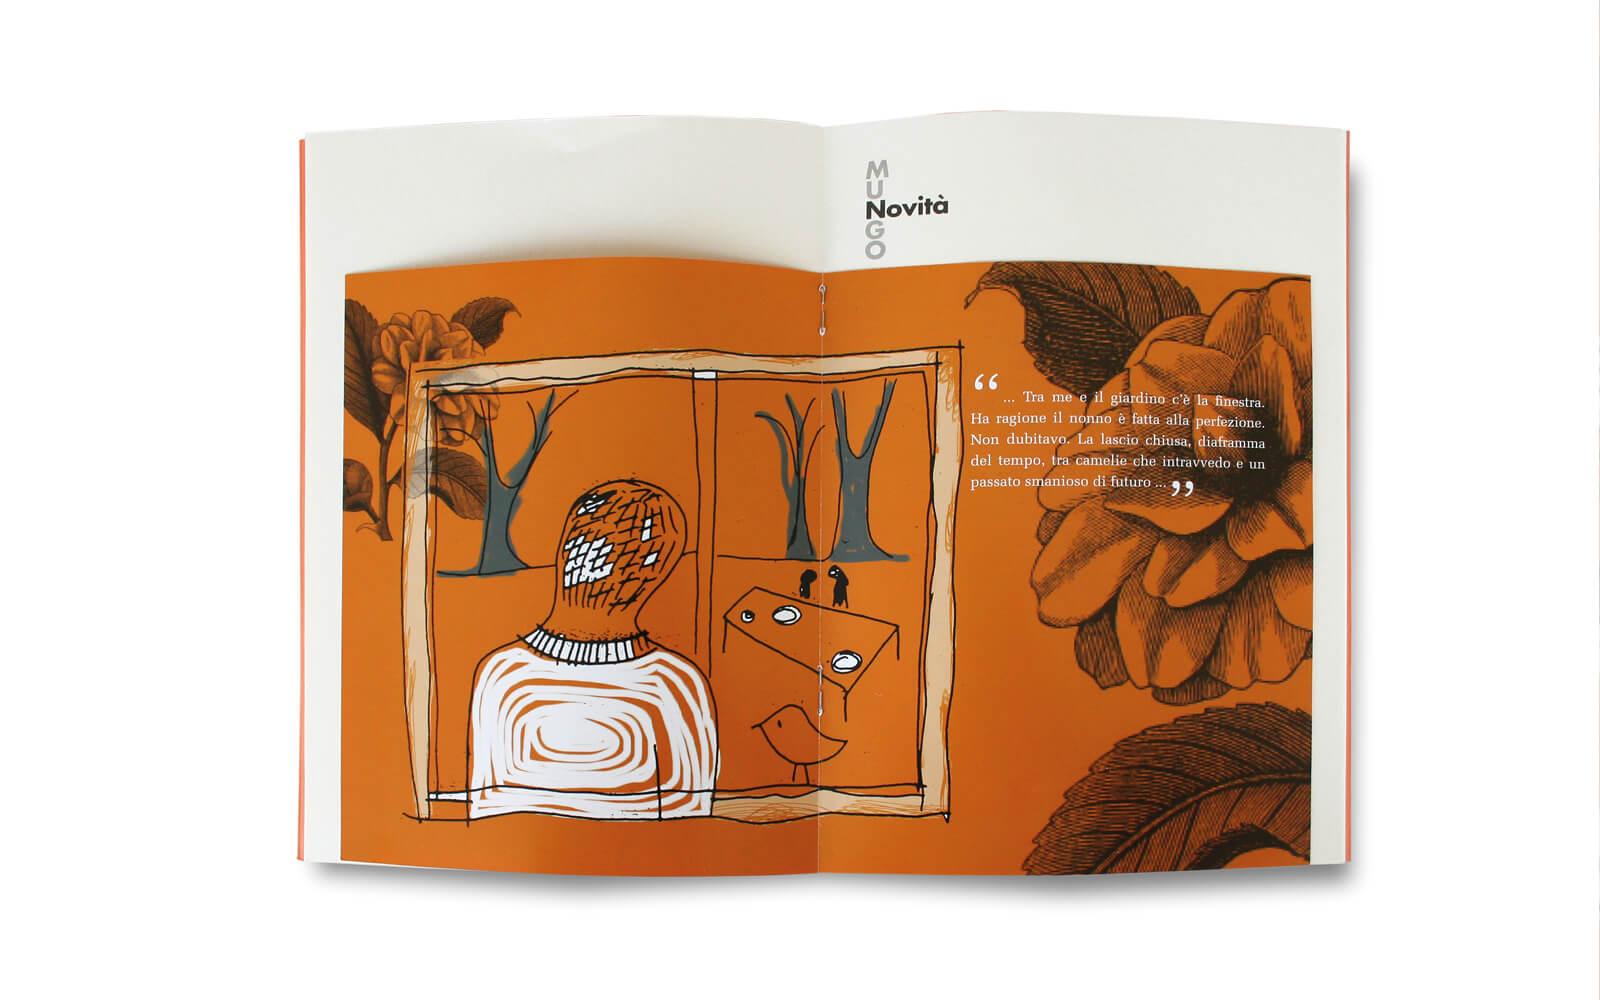 dettaglio pagine interne della pubblicazione illustrata da Laura Marcolini per Mungo Italia, progetto studio diade trento